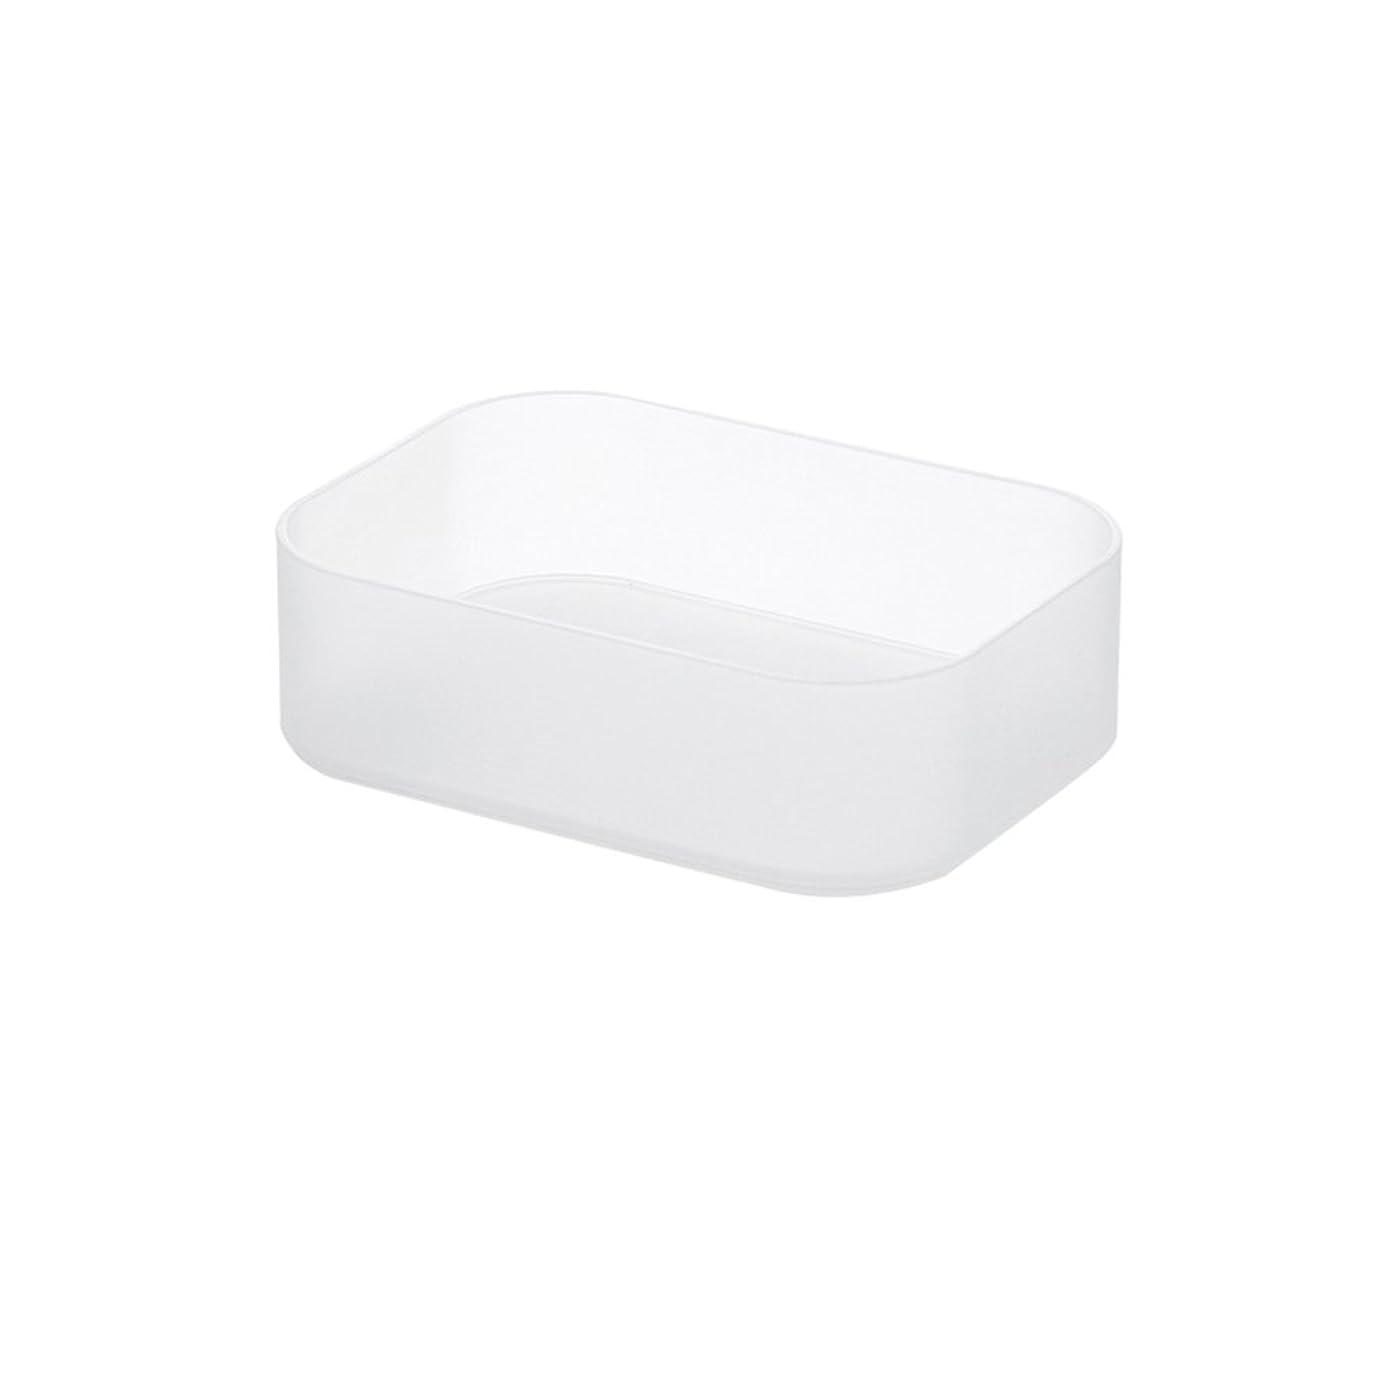 おなじみのしつけ植物学化粧品収納ボックス デスクトップ 簡素 化粧台 半透明 プラスチック 砂を磨き上げる 収納ボックス 純色 日本式 プラスチック ファッション 精緻感 8種類 収納用品 家庭用 事務室 品質保証 長持ちする 持久性 一格 多格 ブラシ (単格短箱(小))